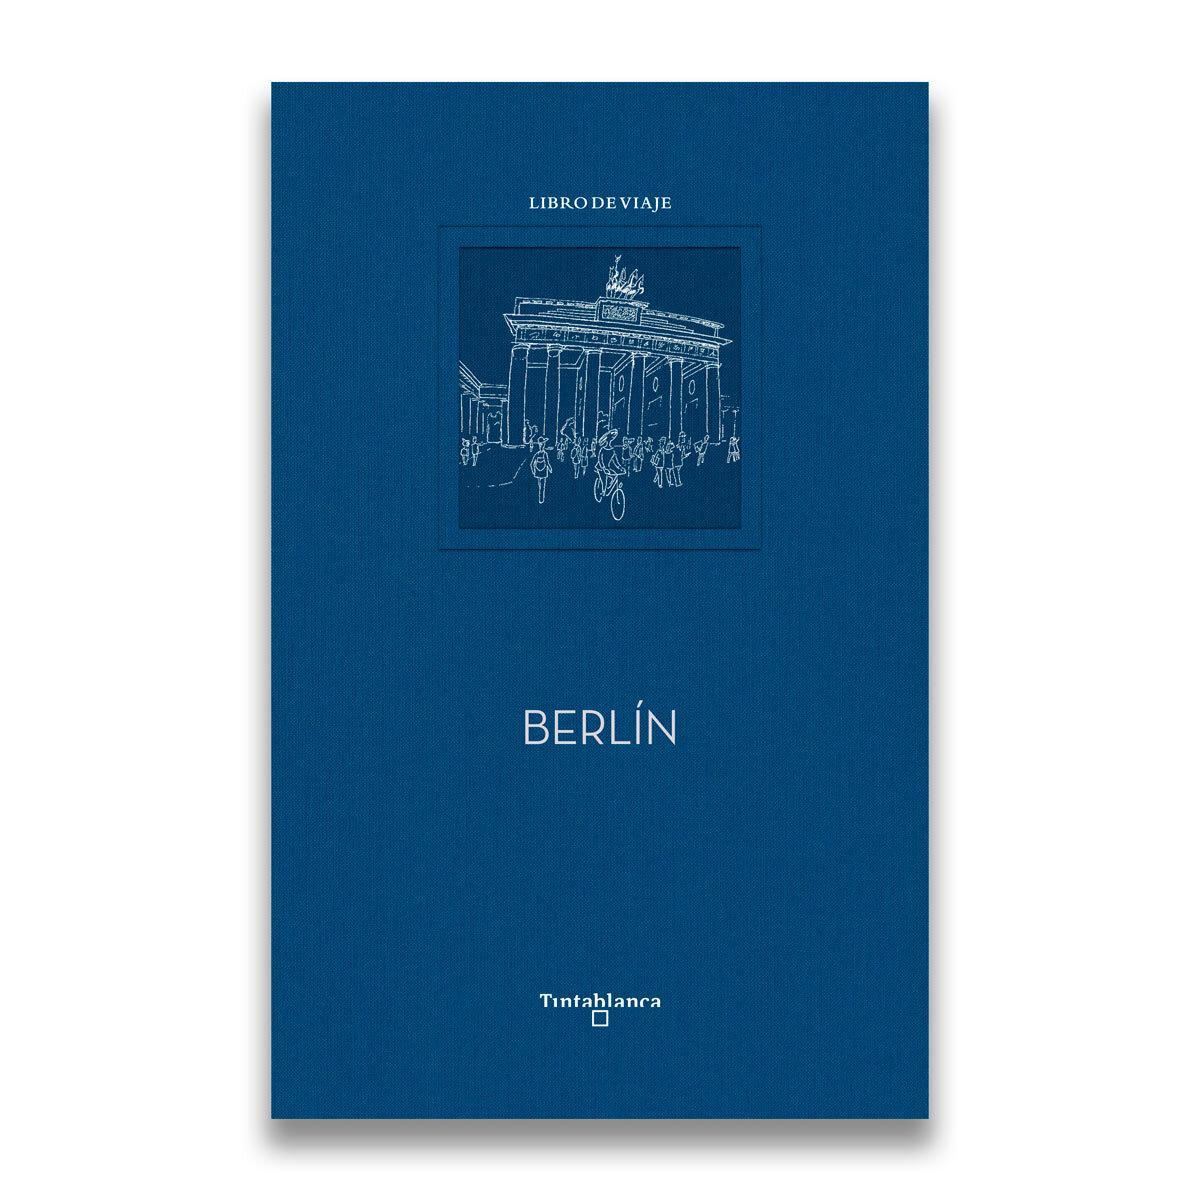 Berlín - Libro de viaje